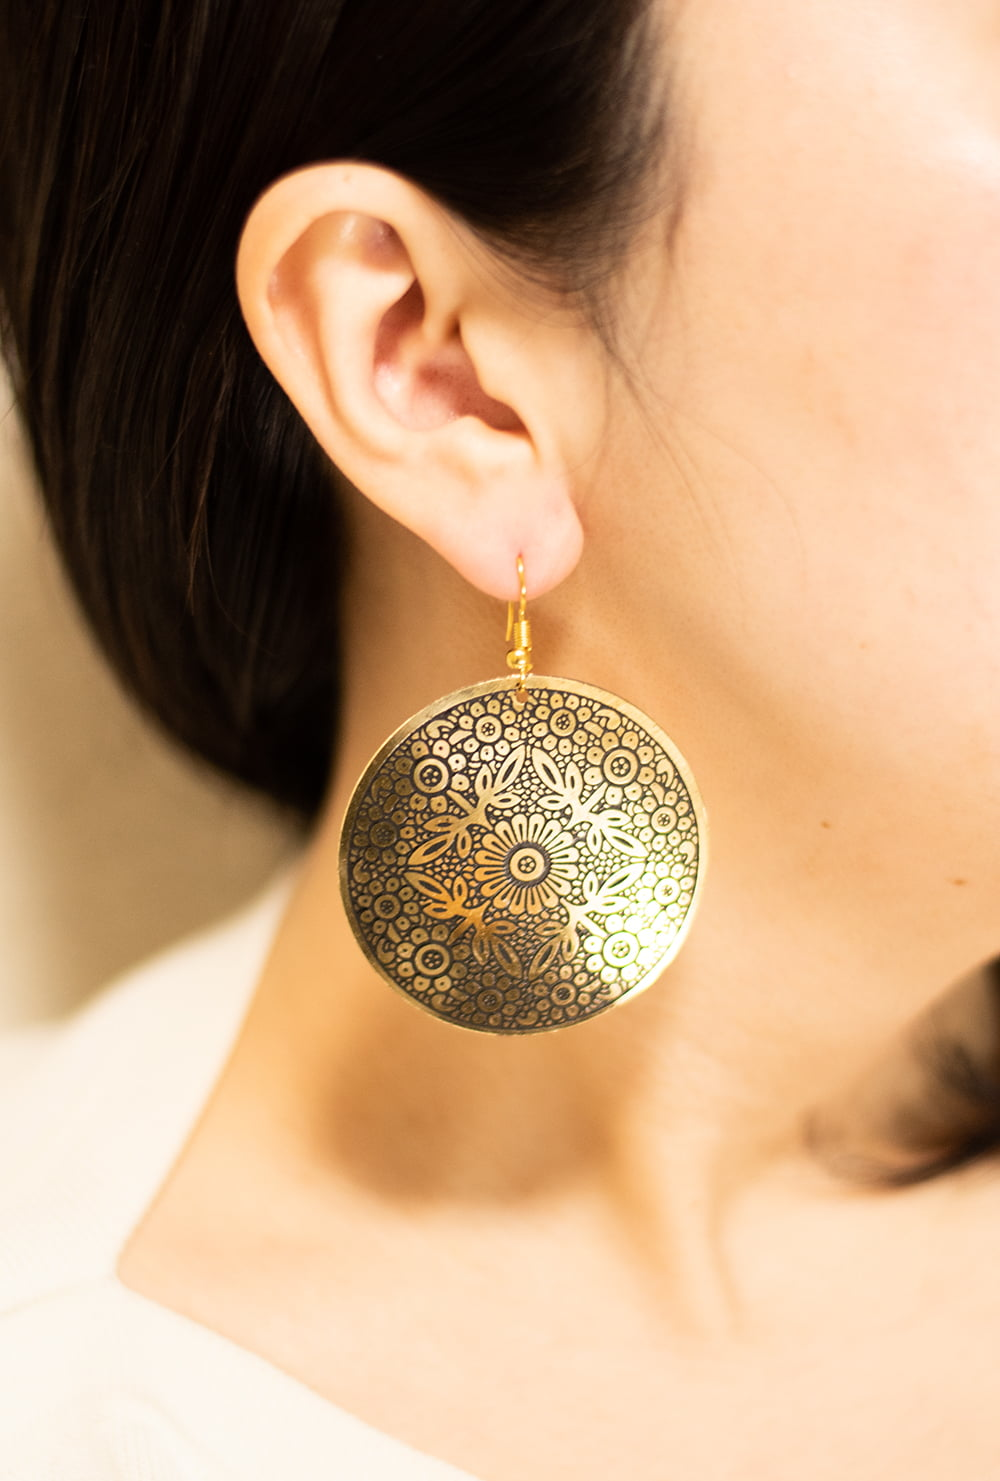 ゴールド メタル プレートのピアス Lサイズ 6 - 着用例です。